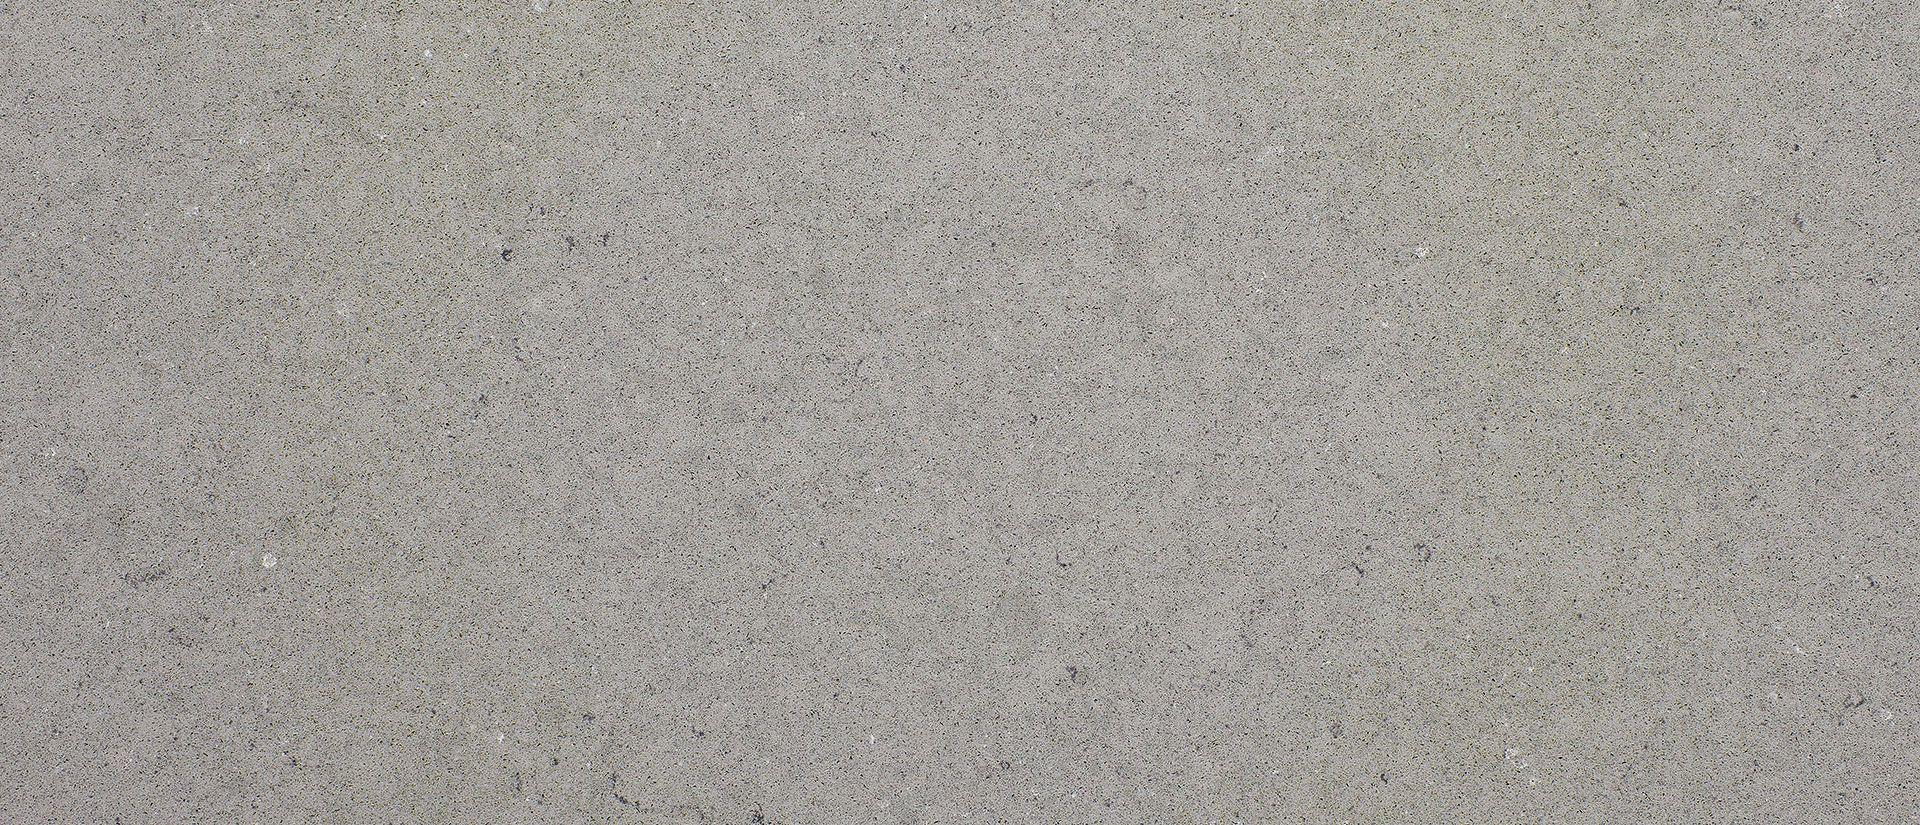 Best Fossil Gray Quartz Gray Quartz Countertops Quartz 400 x 300